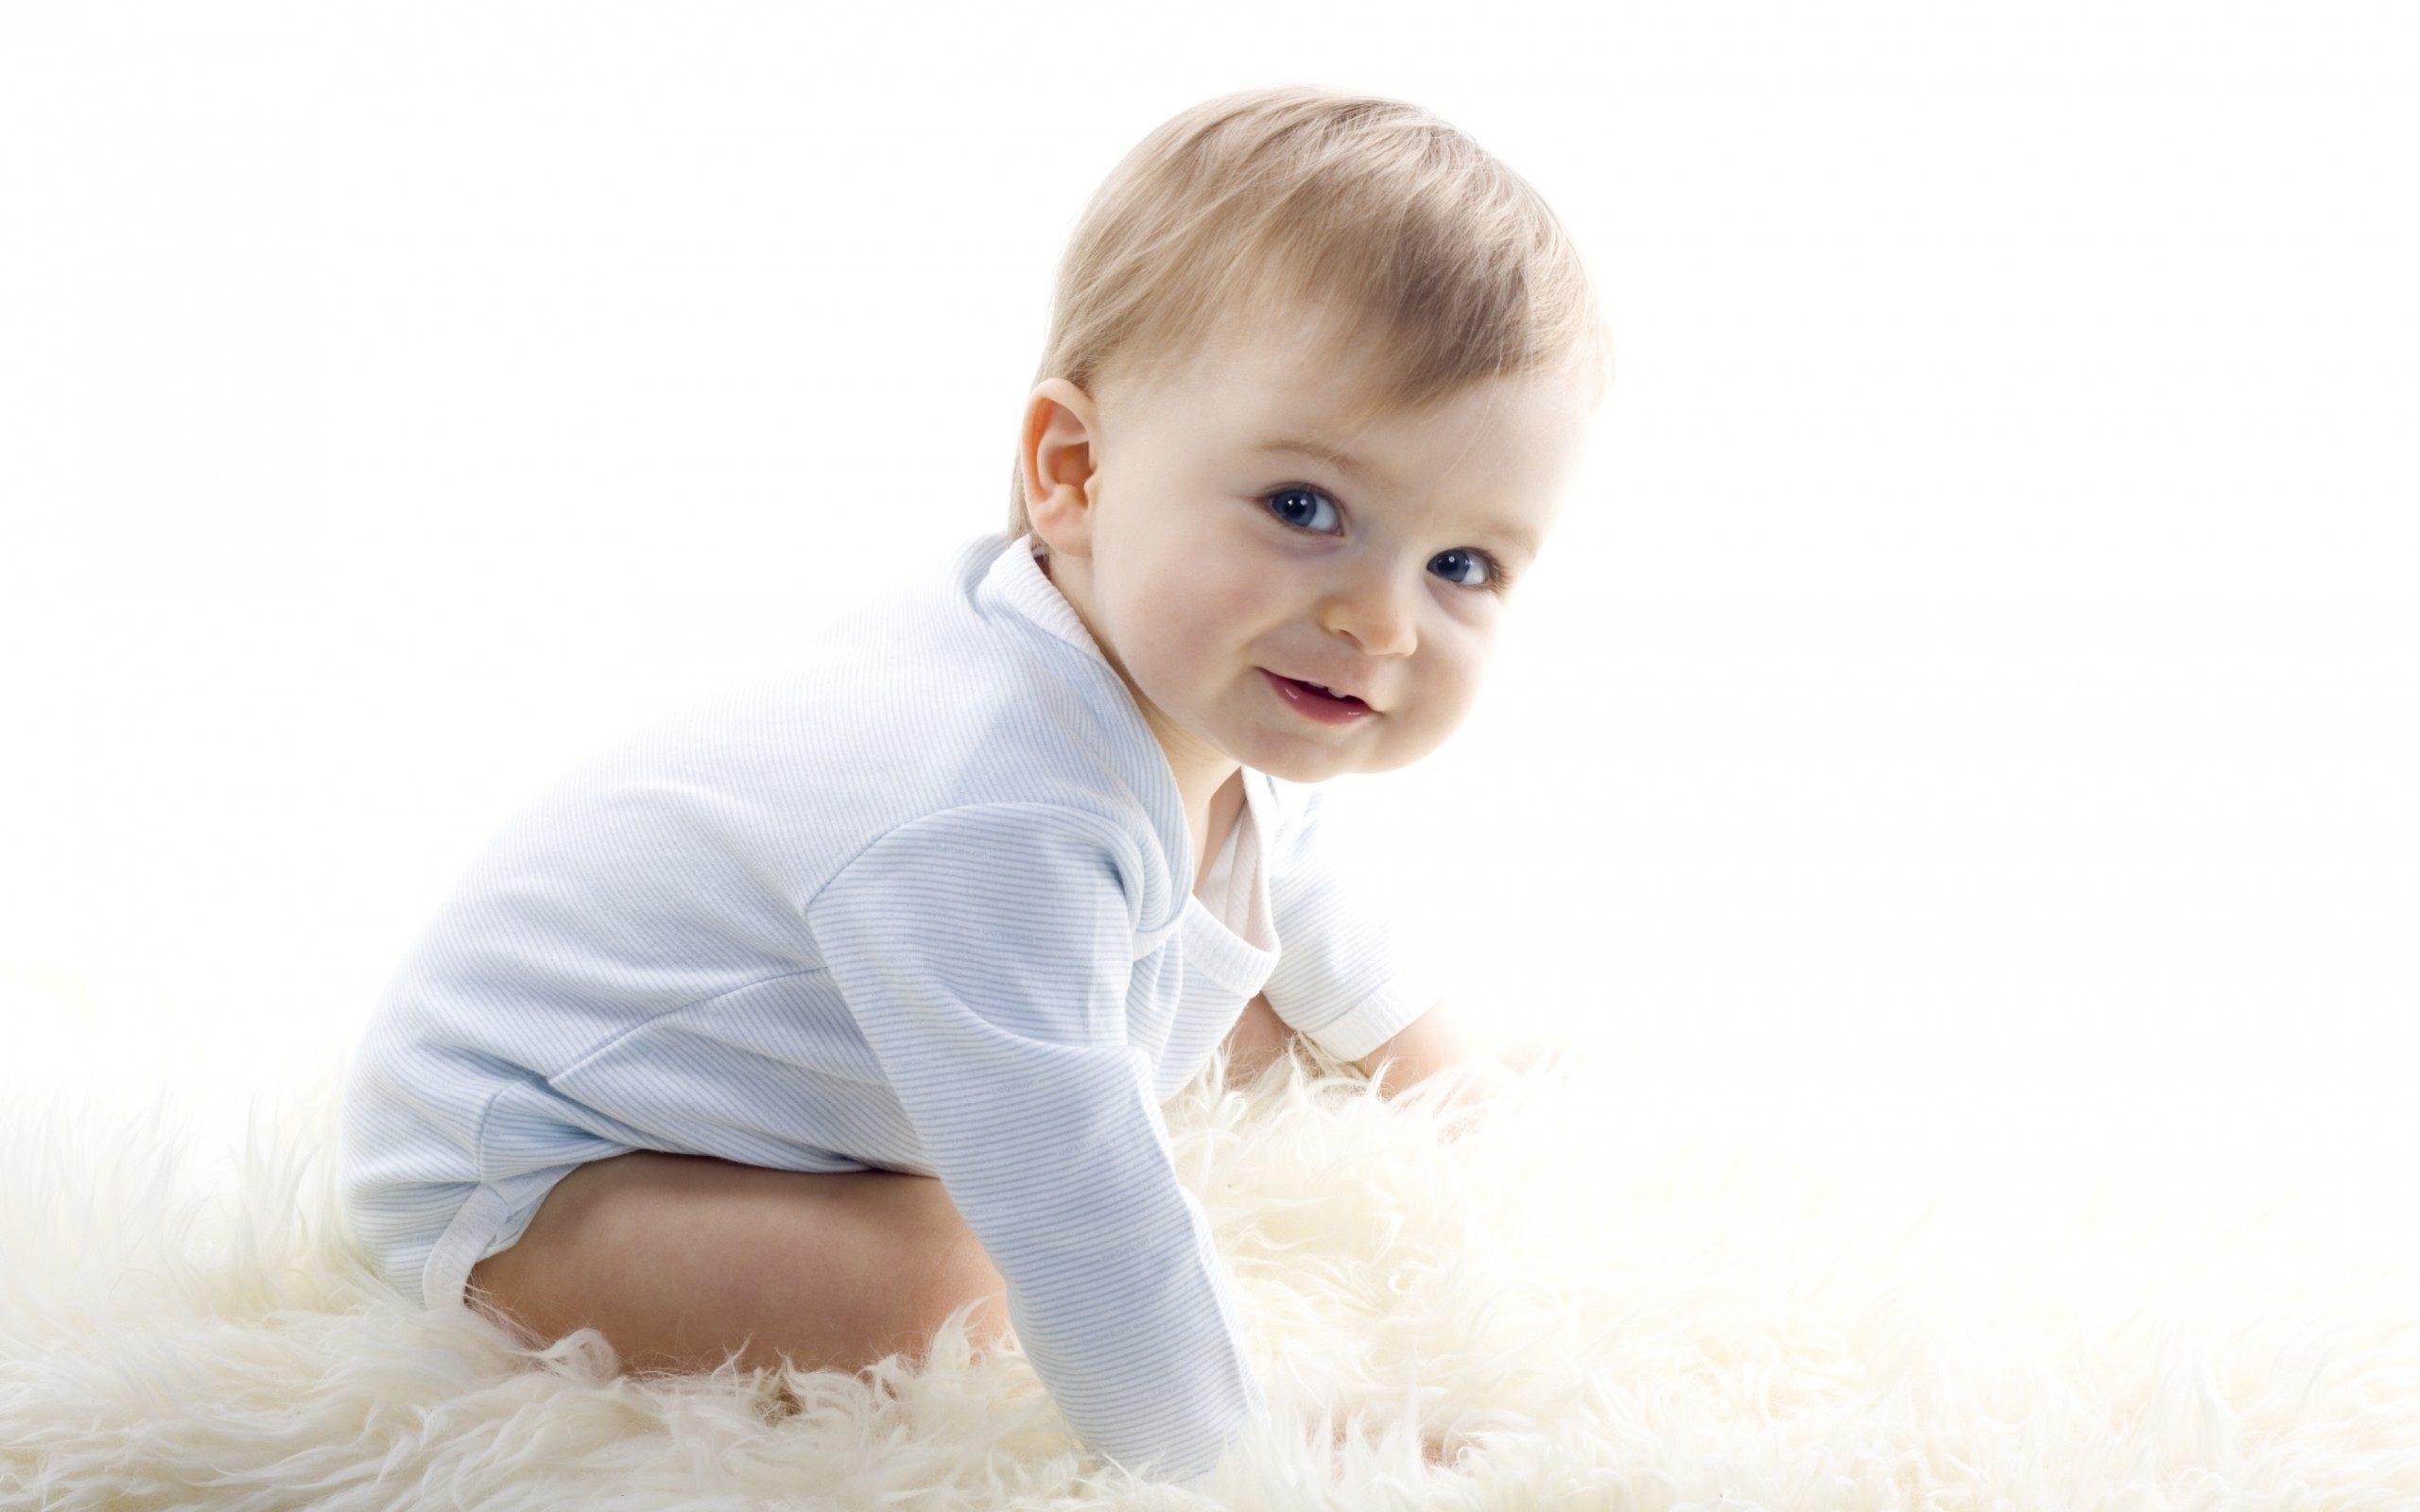 بالصور صور اولاد , اجمل اطفال اولاد كيوت 5122 10